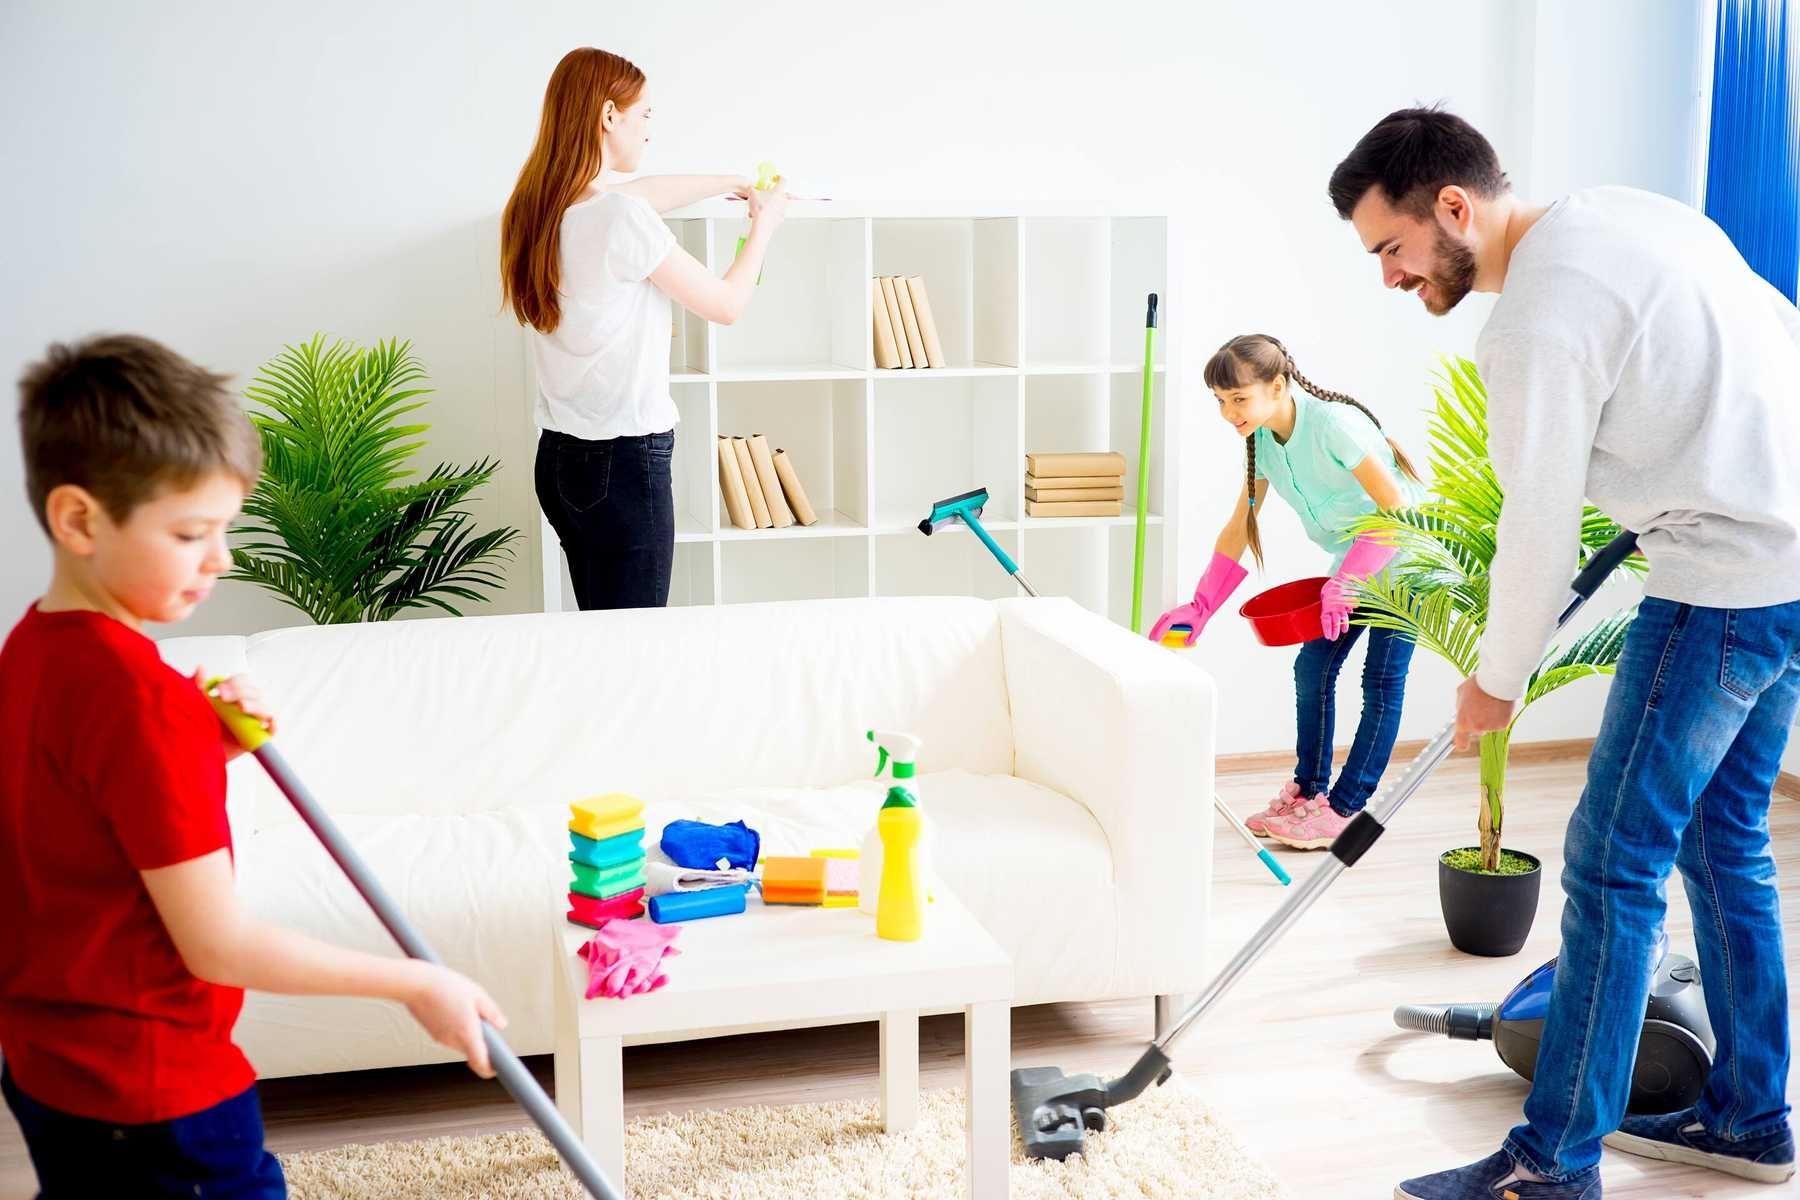 Các thành viên trong gia đình cùng nhau vệ sinh nhà cửa